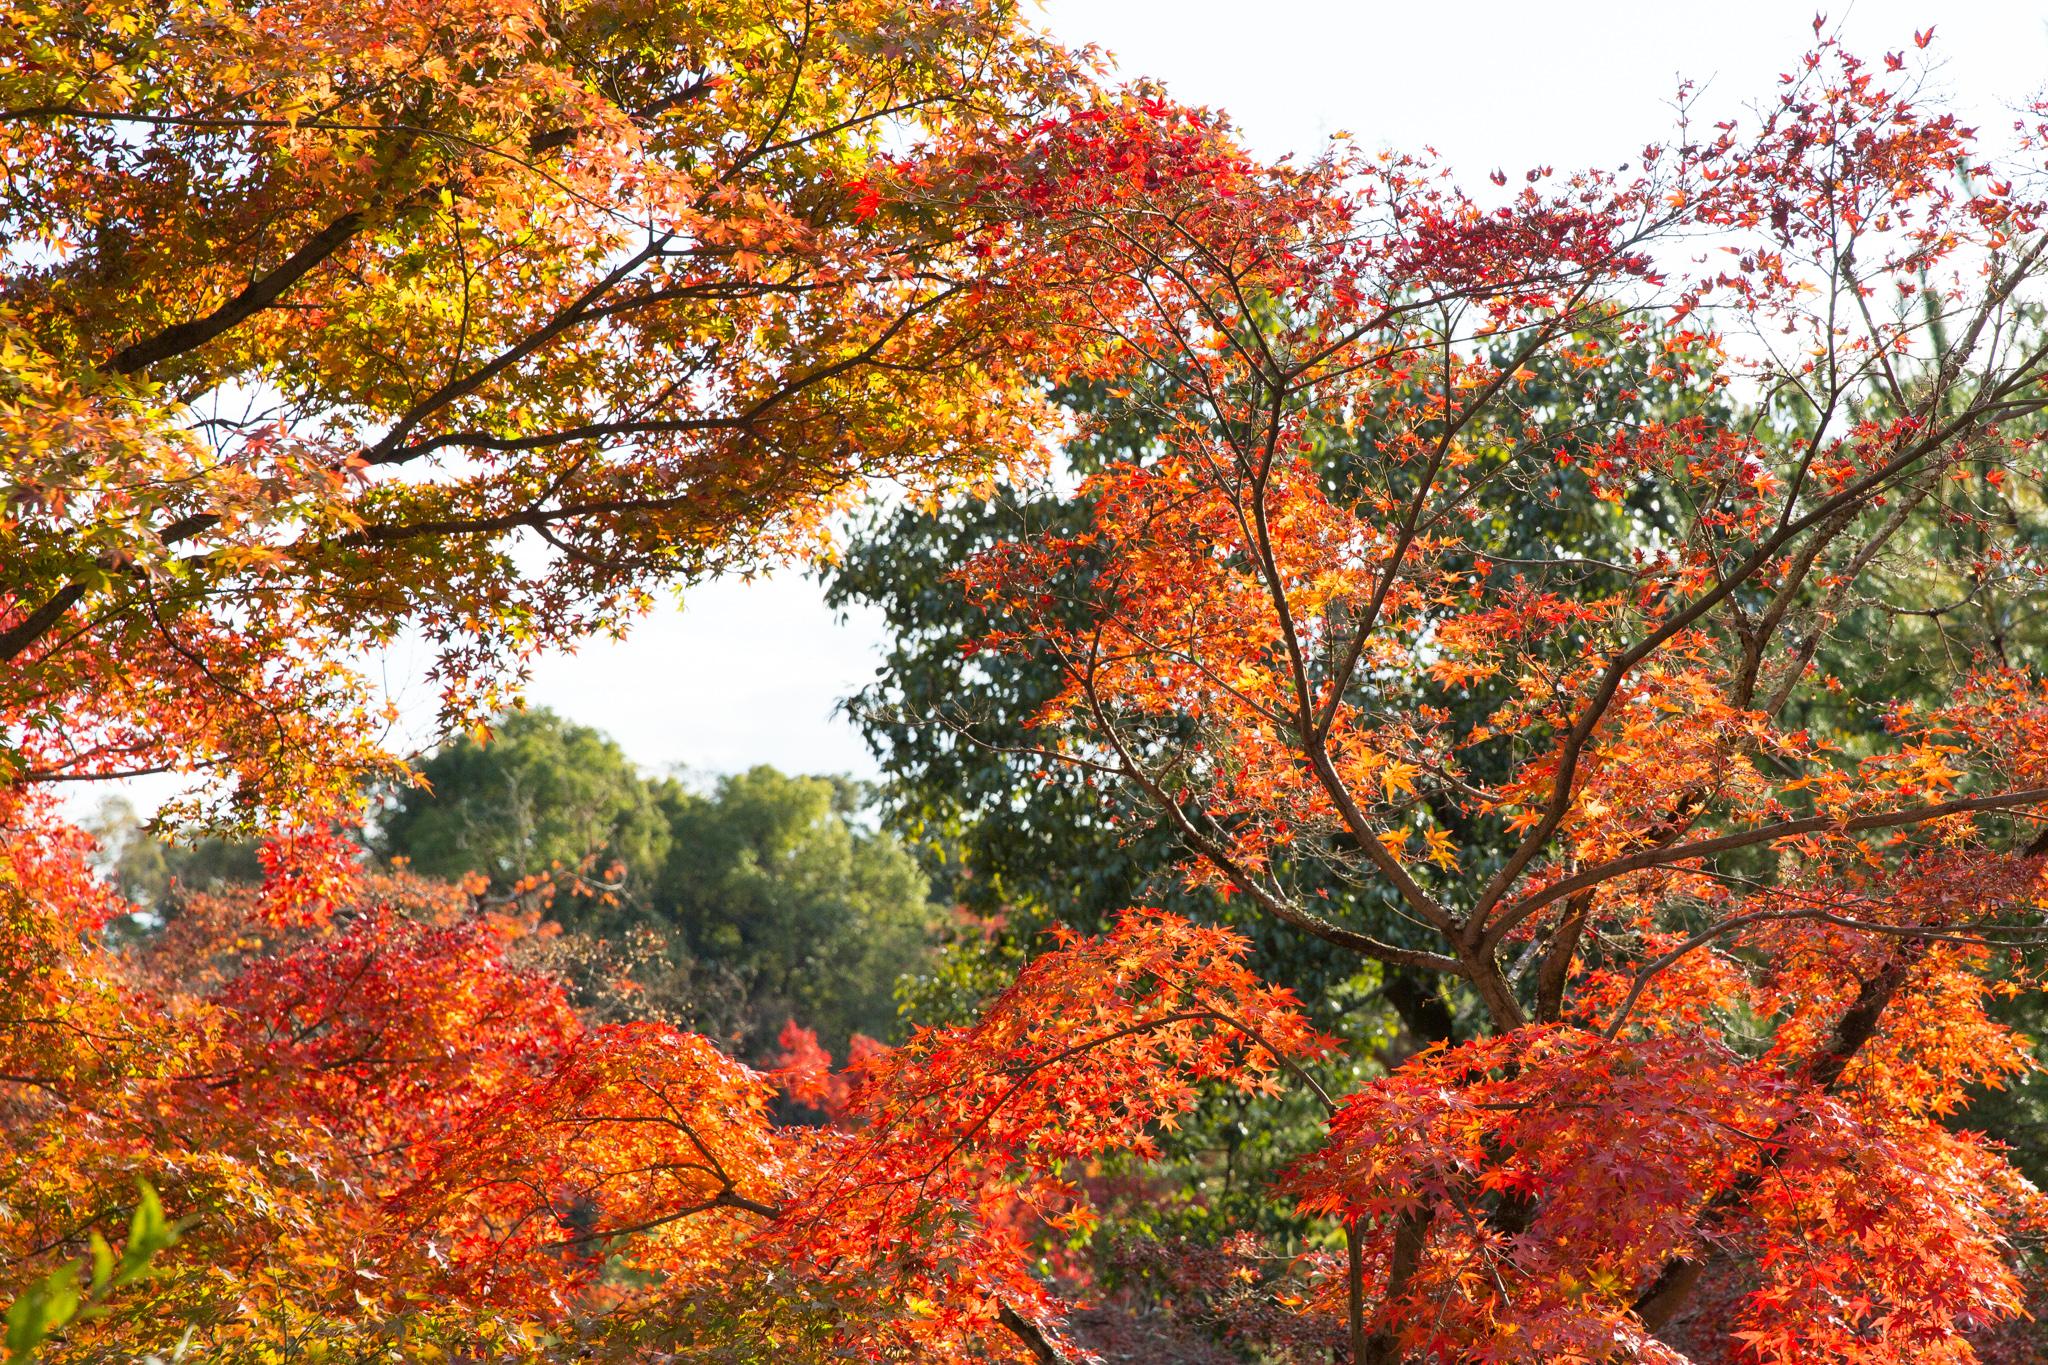 5021-japan-nature-autumn-colors.jpg